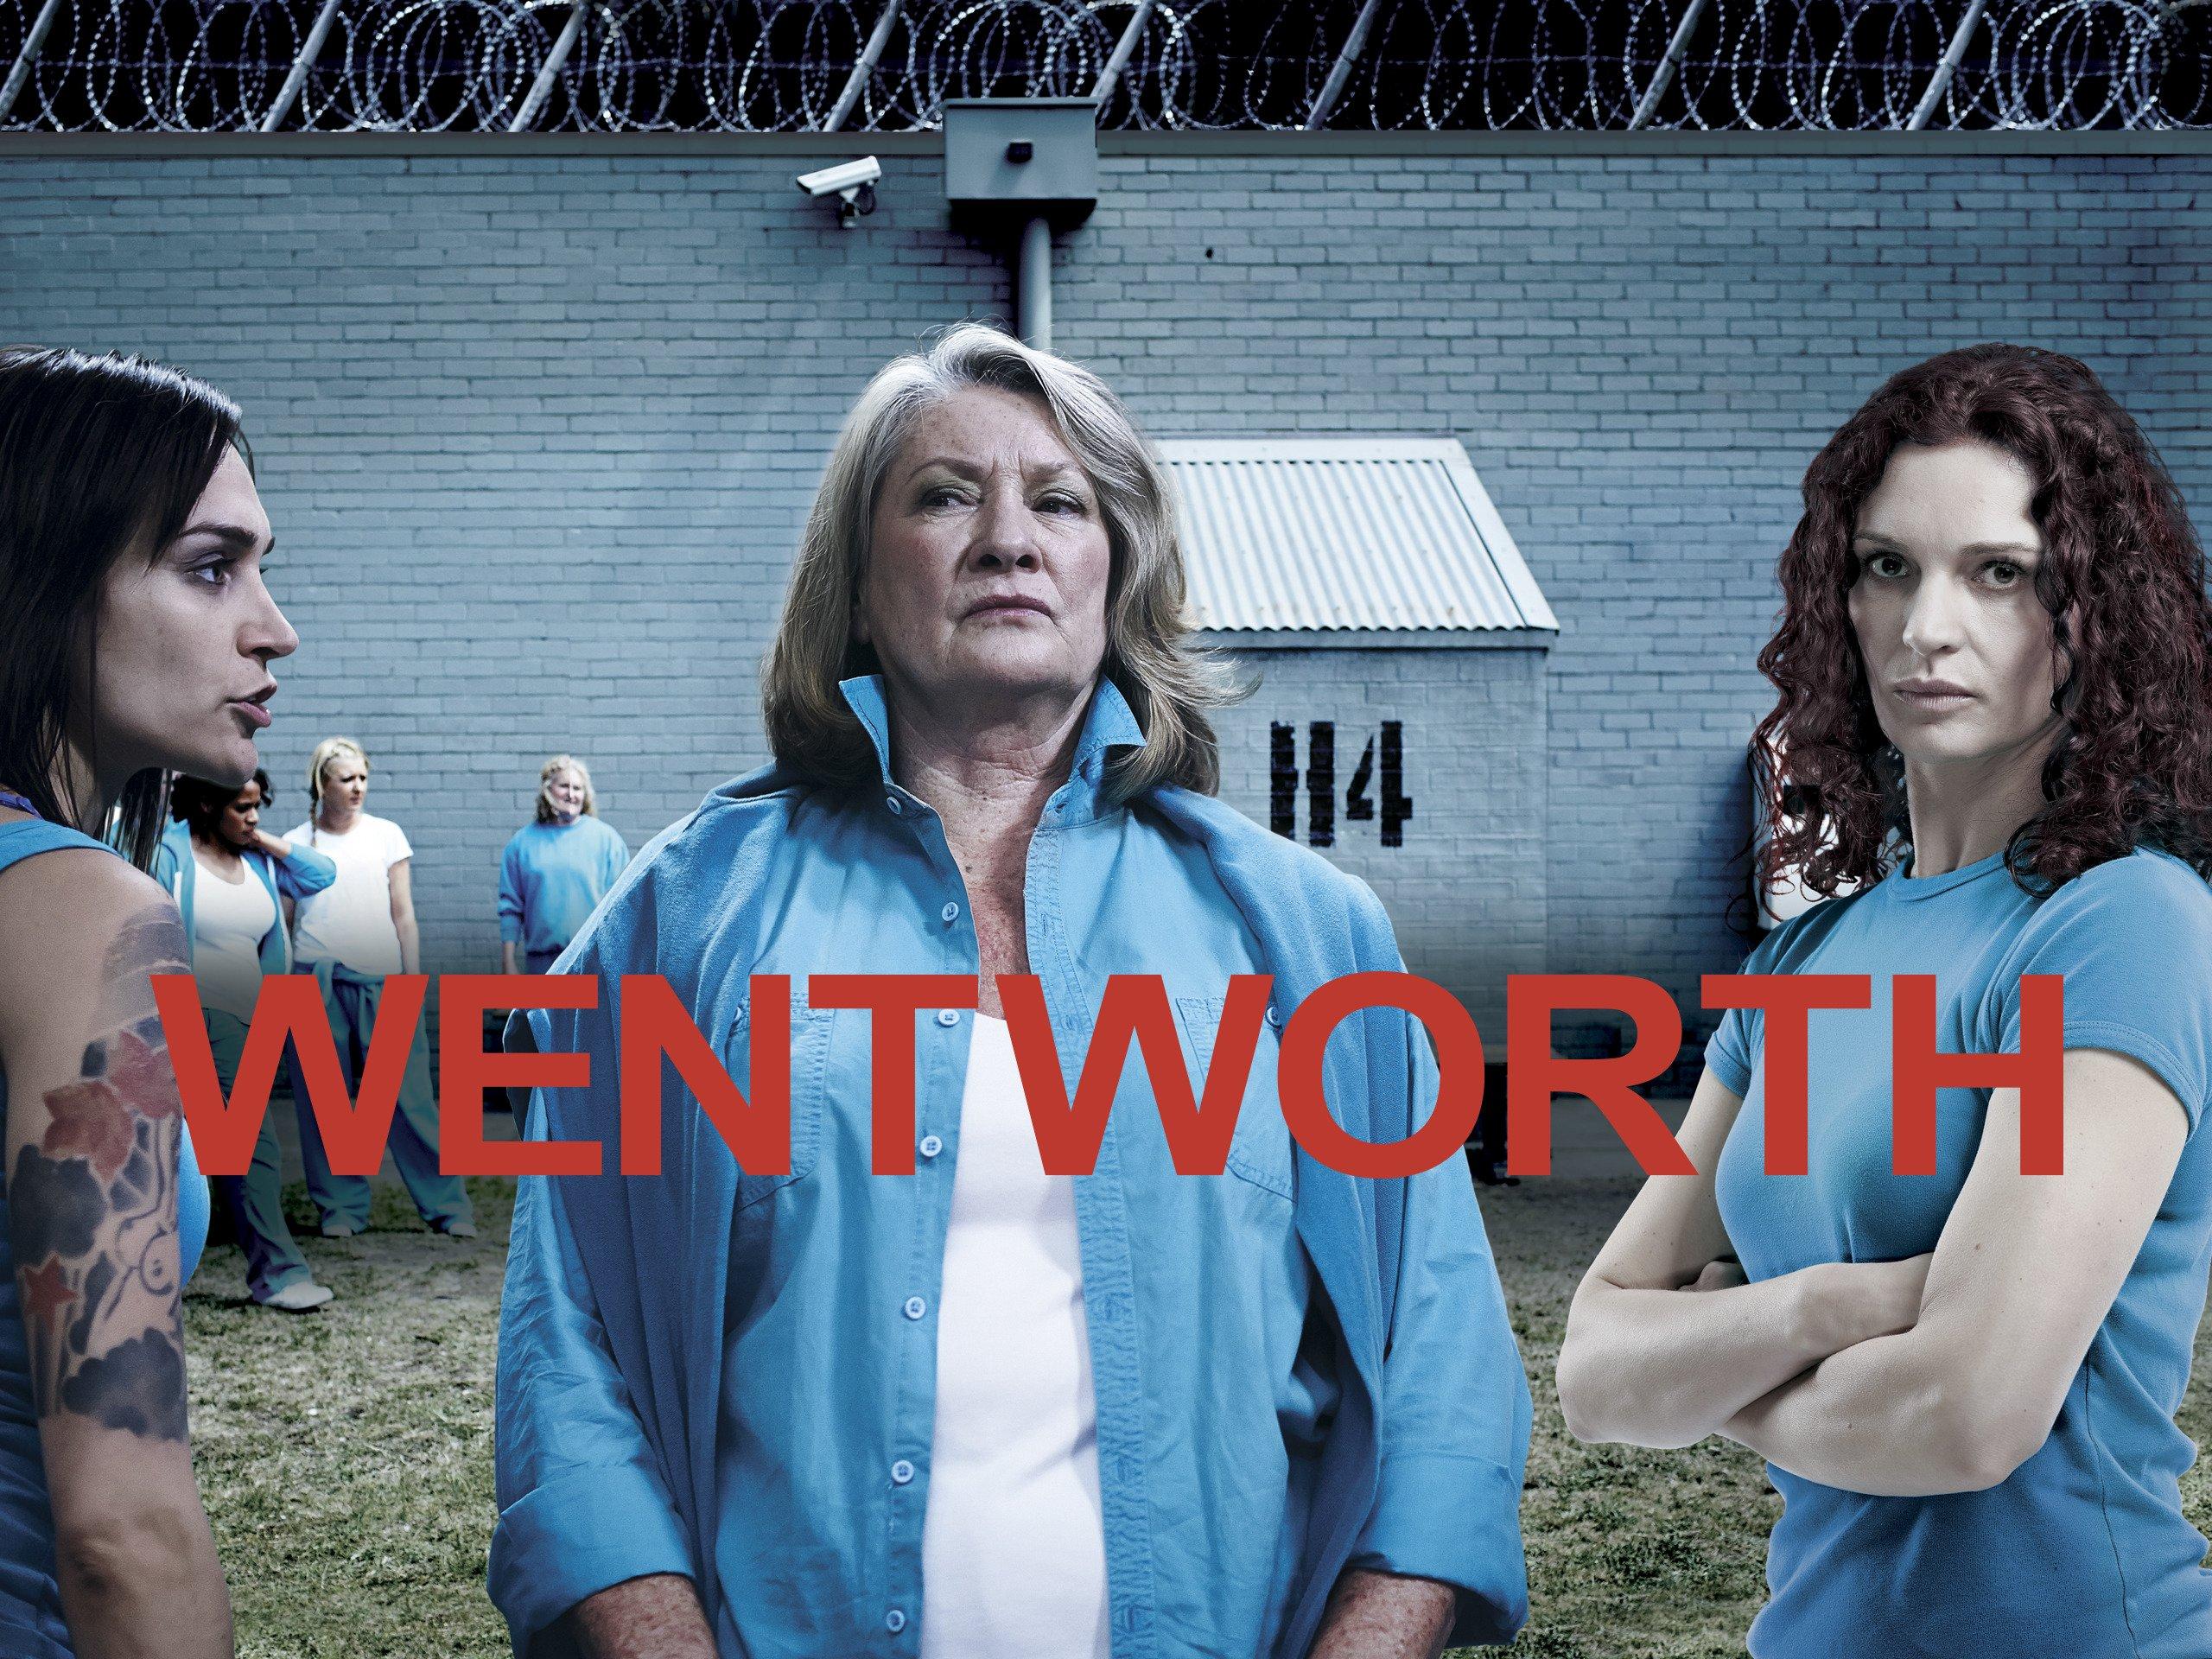 Wentworth Season 1 - Season 1